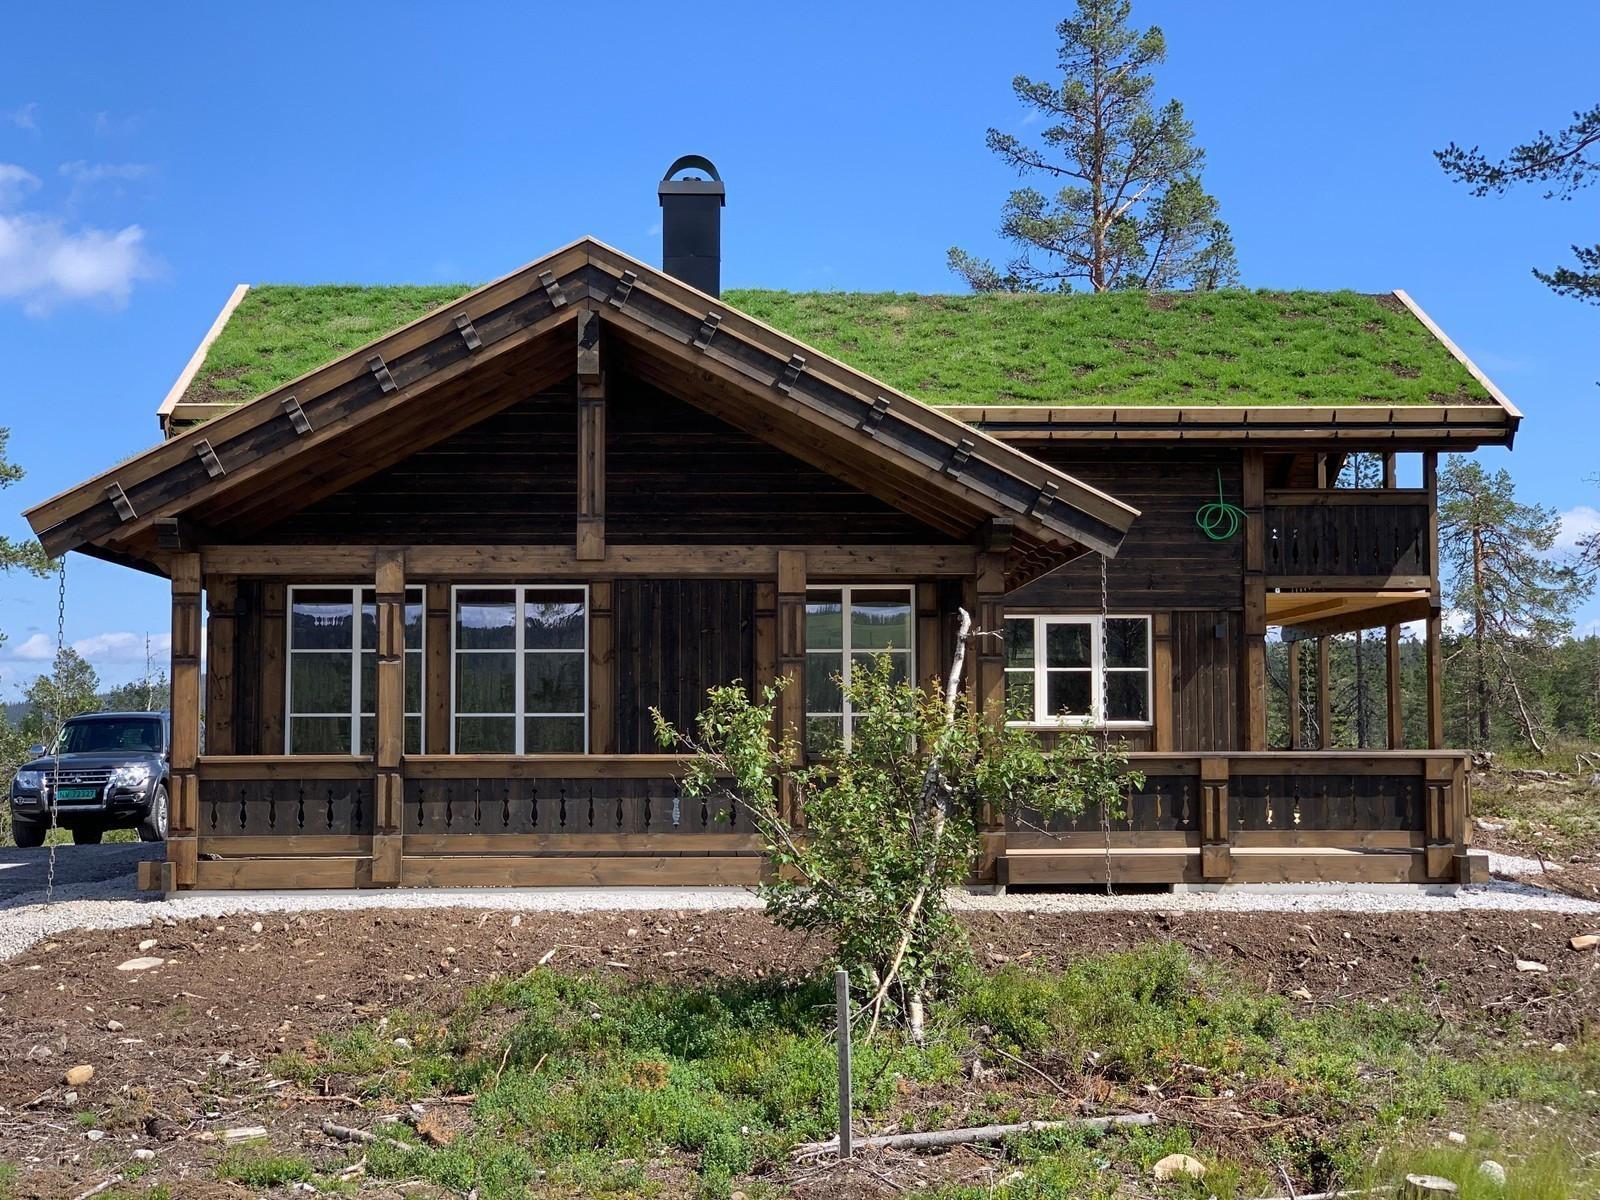 Dette er vår fantastiske Tradisjons hytte modell, TIUR. Dette er en spesialtilpasset hytte, der våre arkitekter har tegnet en perfekt og stor hytte for hele den store familien - med barn & barnebarn! Kundetilpasninger og kunde tilvalg er vist på bildene!